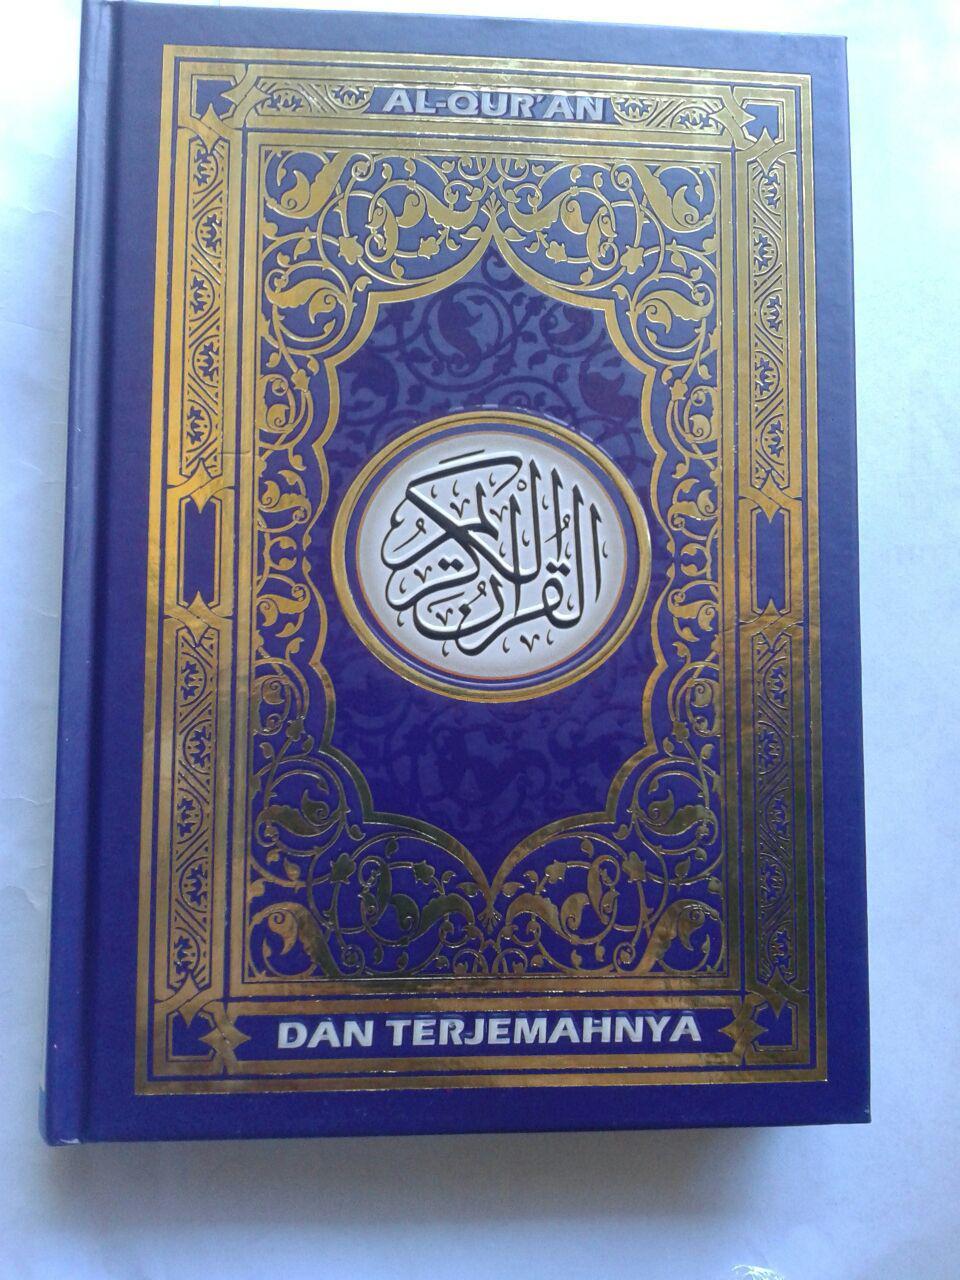 Al-Qur'an MushafDan Terjemahnya Ukuran A5 cover